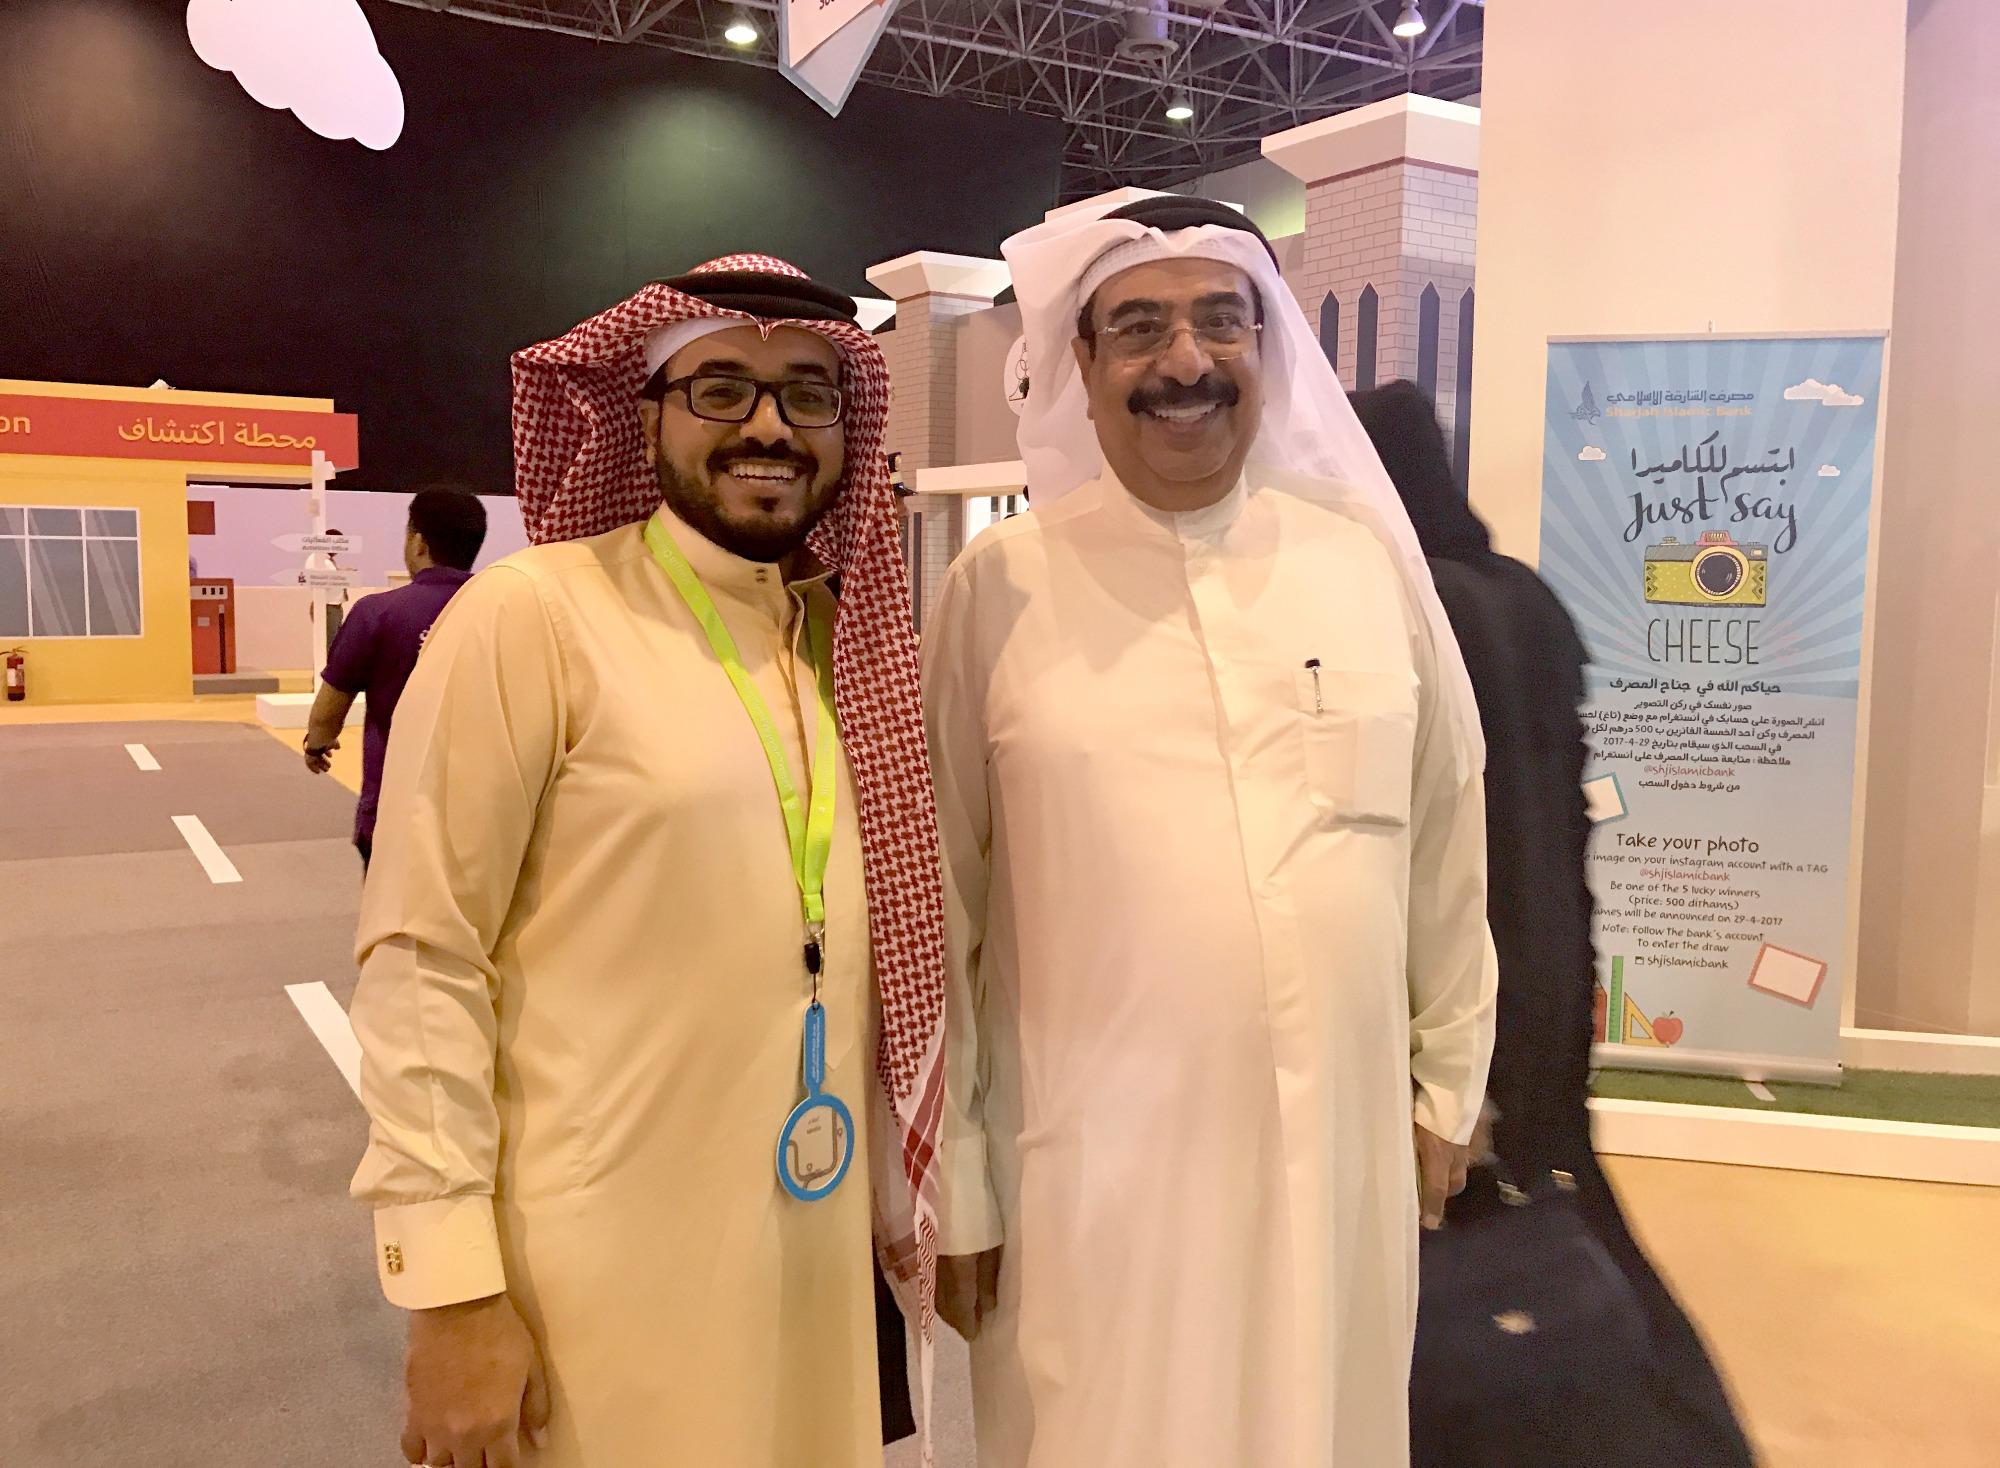 الفنان القطري غازي حسين أحد ضيوف المهرجان